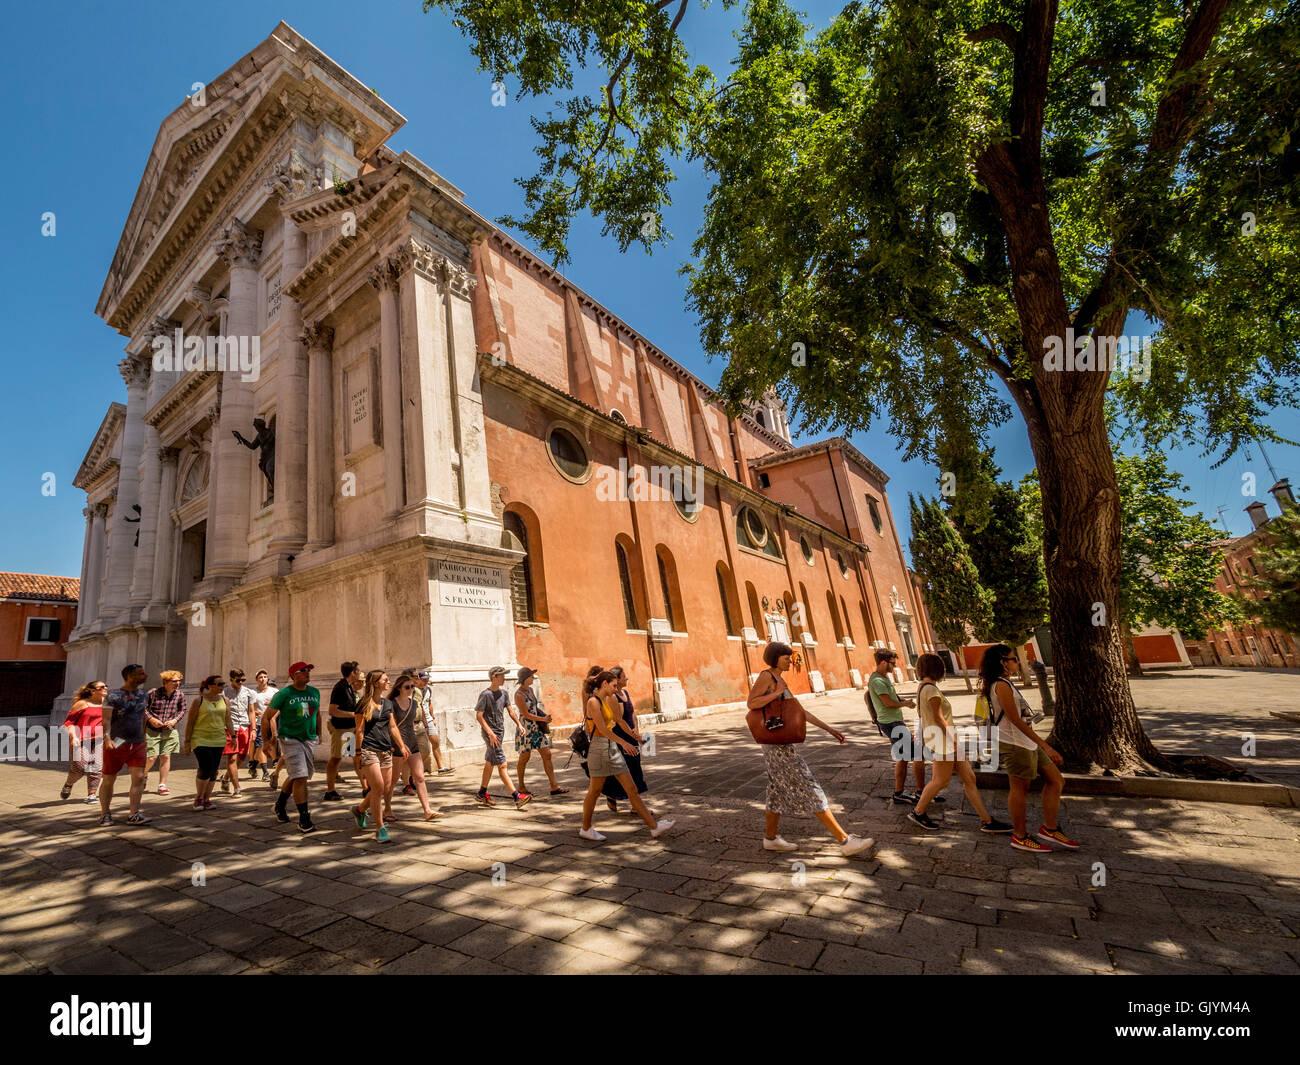 Ein Rundgang in der Kirche von San Francesco della Vigna, zu Fuß in Richtung der nahe gelegenen Platz oder Stockbild